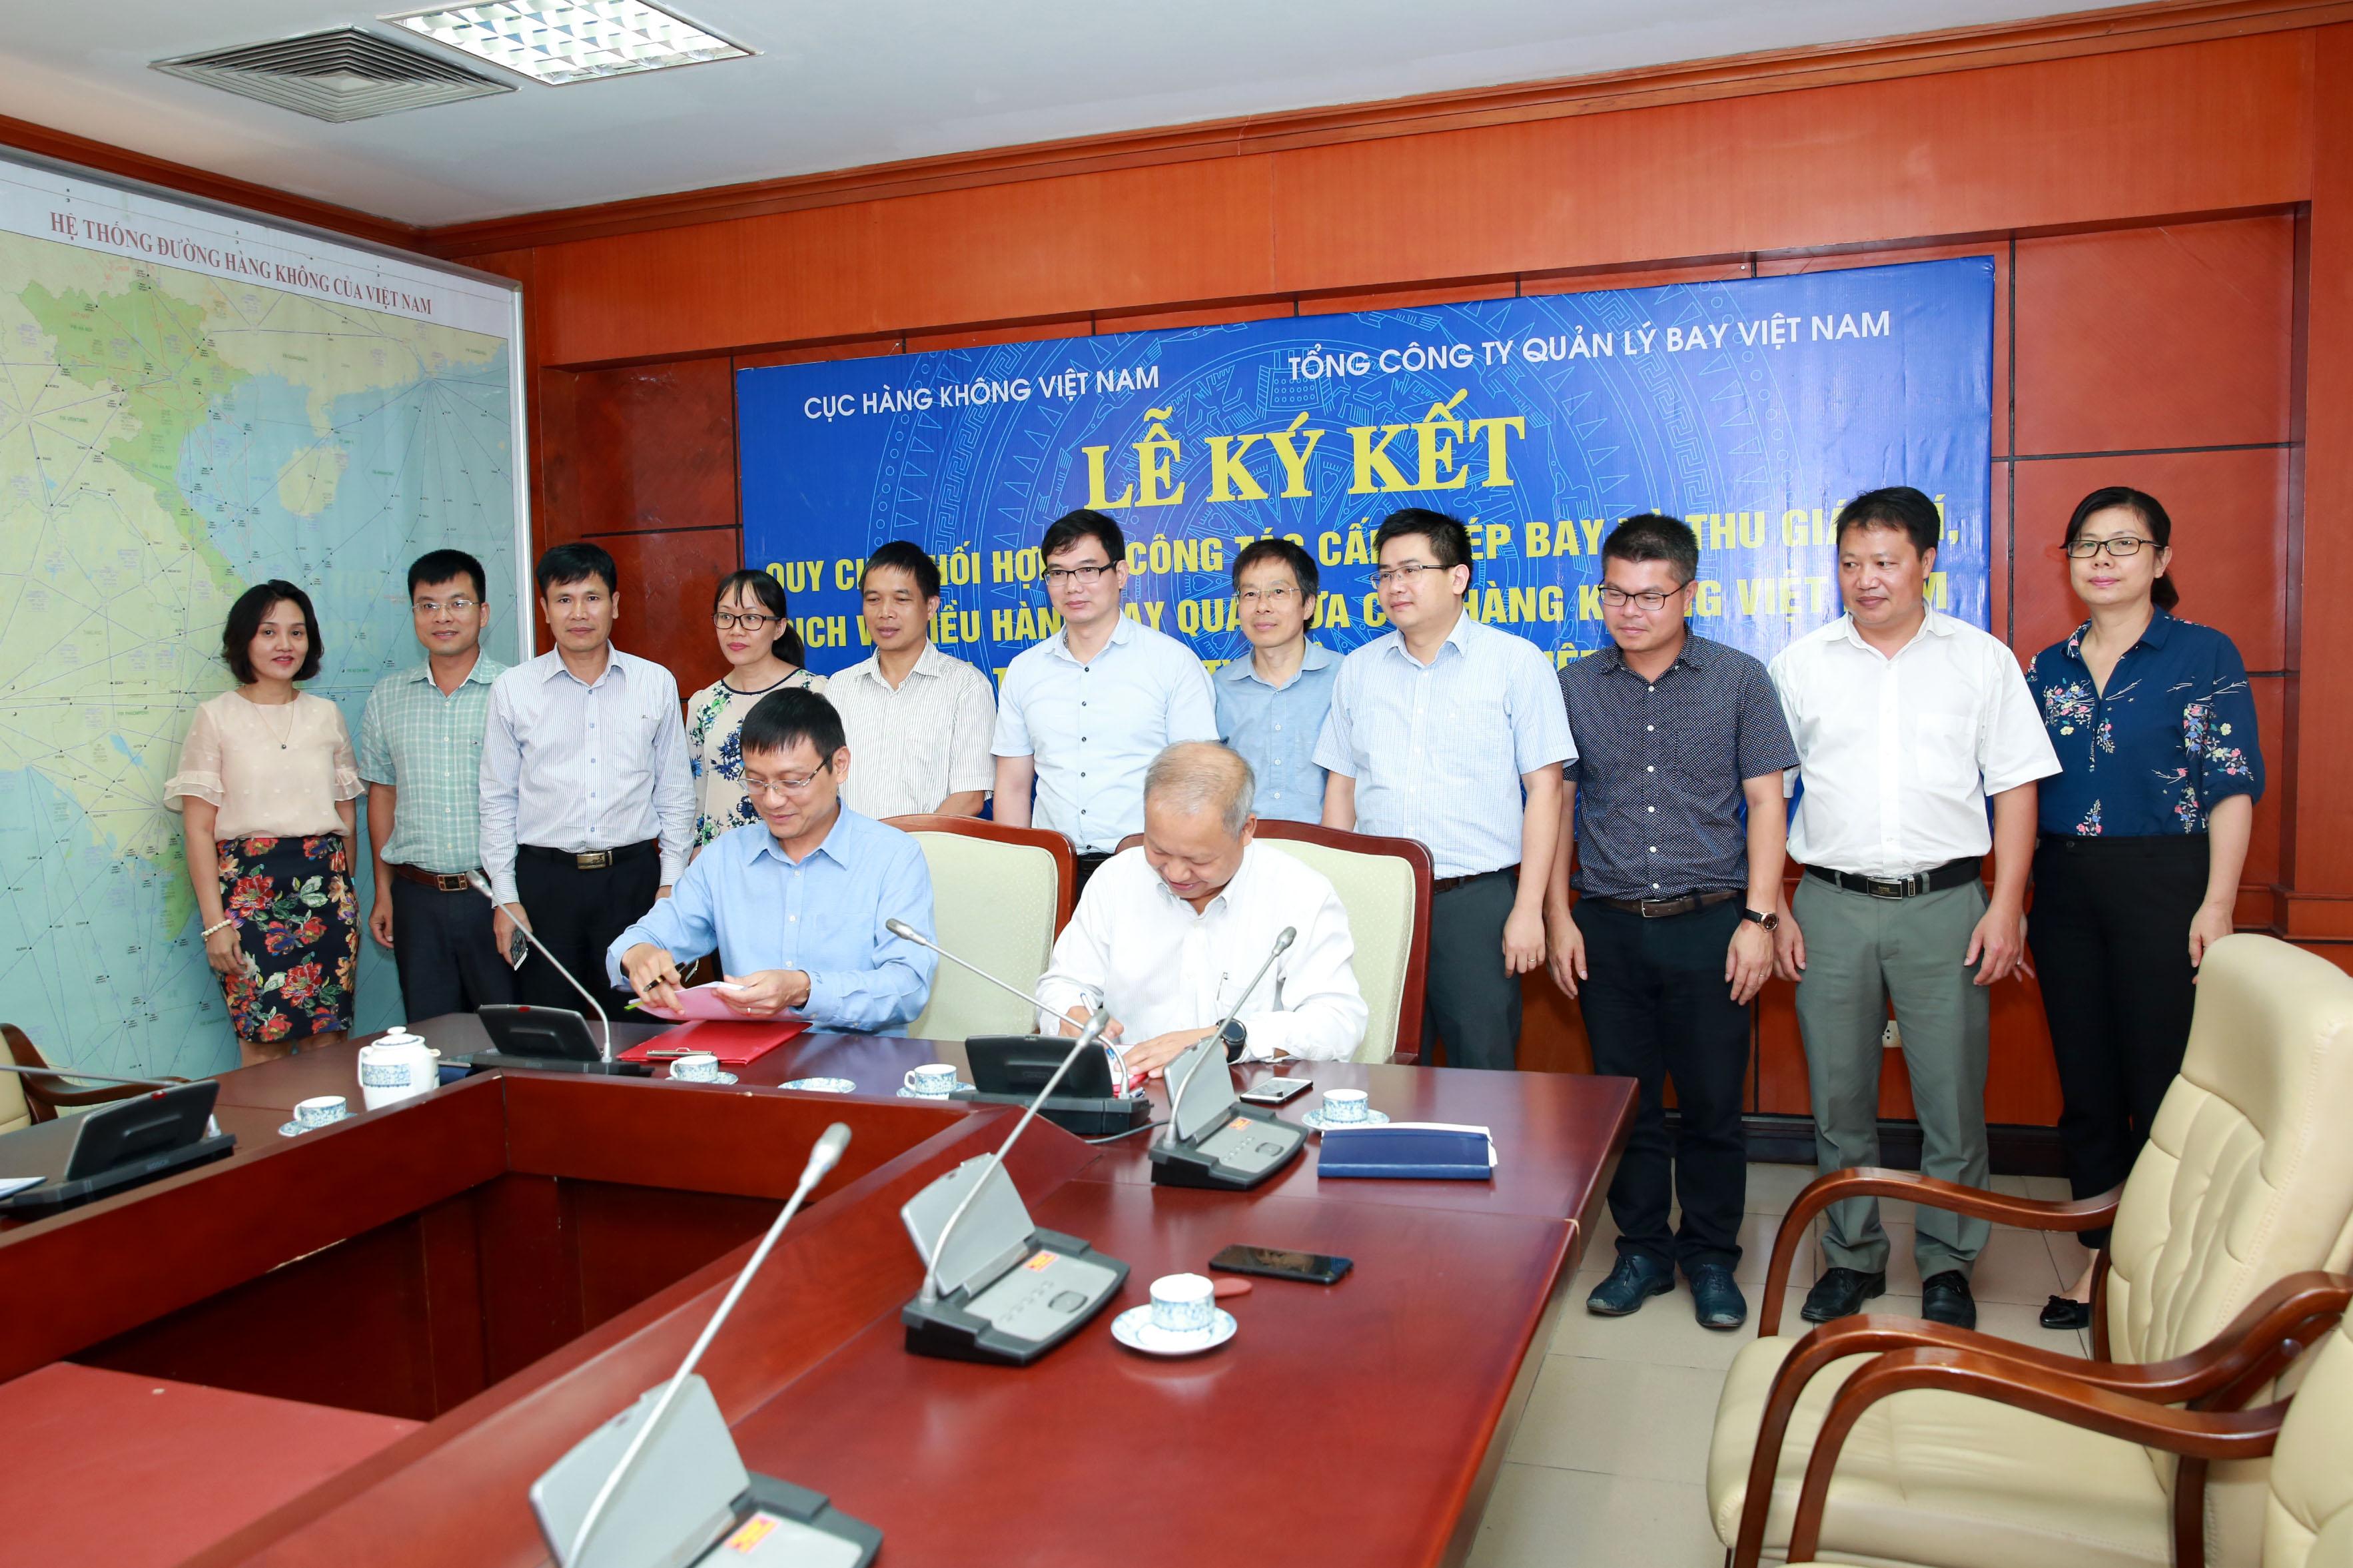 VATM và Cục Hàng không Việt Nam ký kết Quy chế phối hợp trong công tác cấp phép và thu phí, giá dịch vụ điều hành bay qua